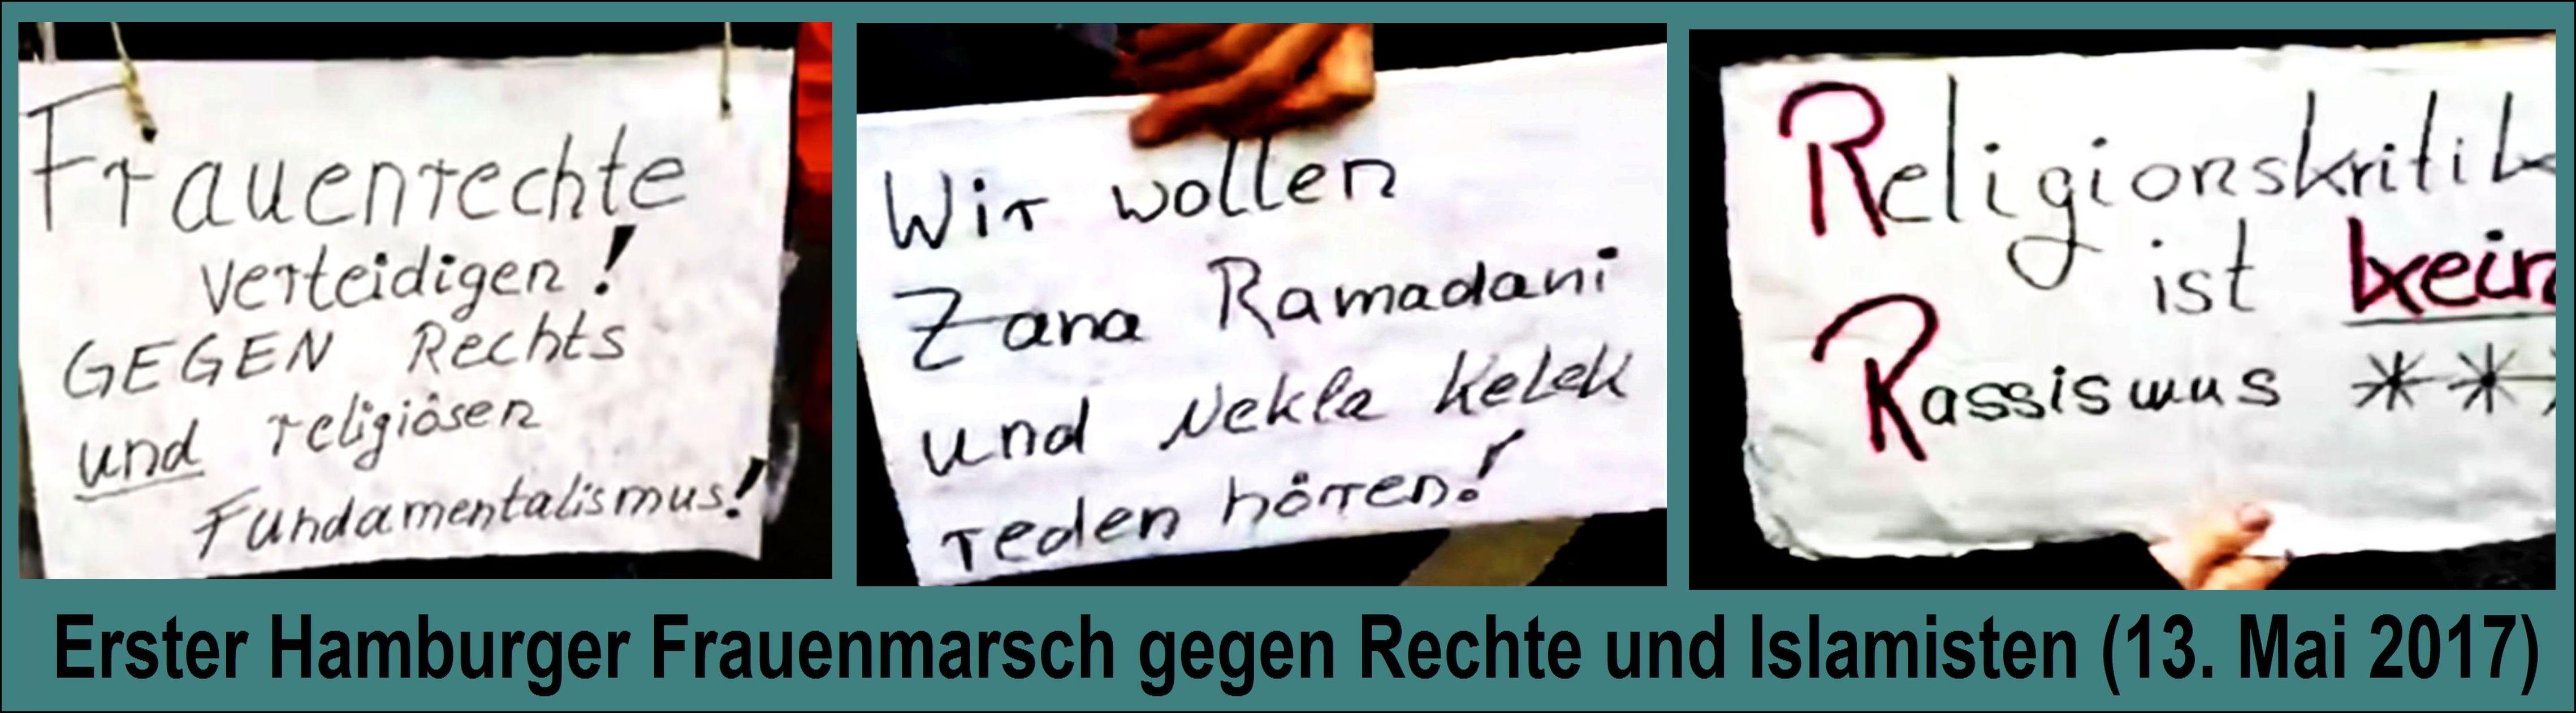 Islamofaschismus